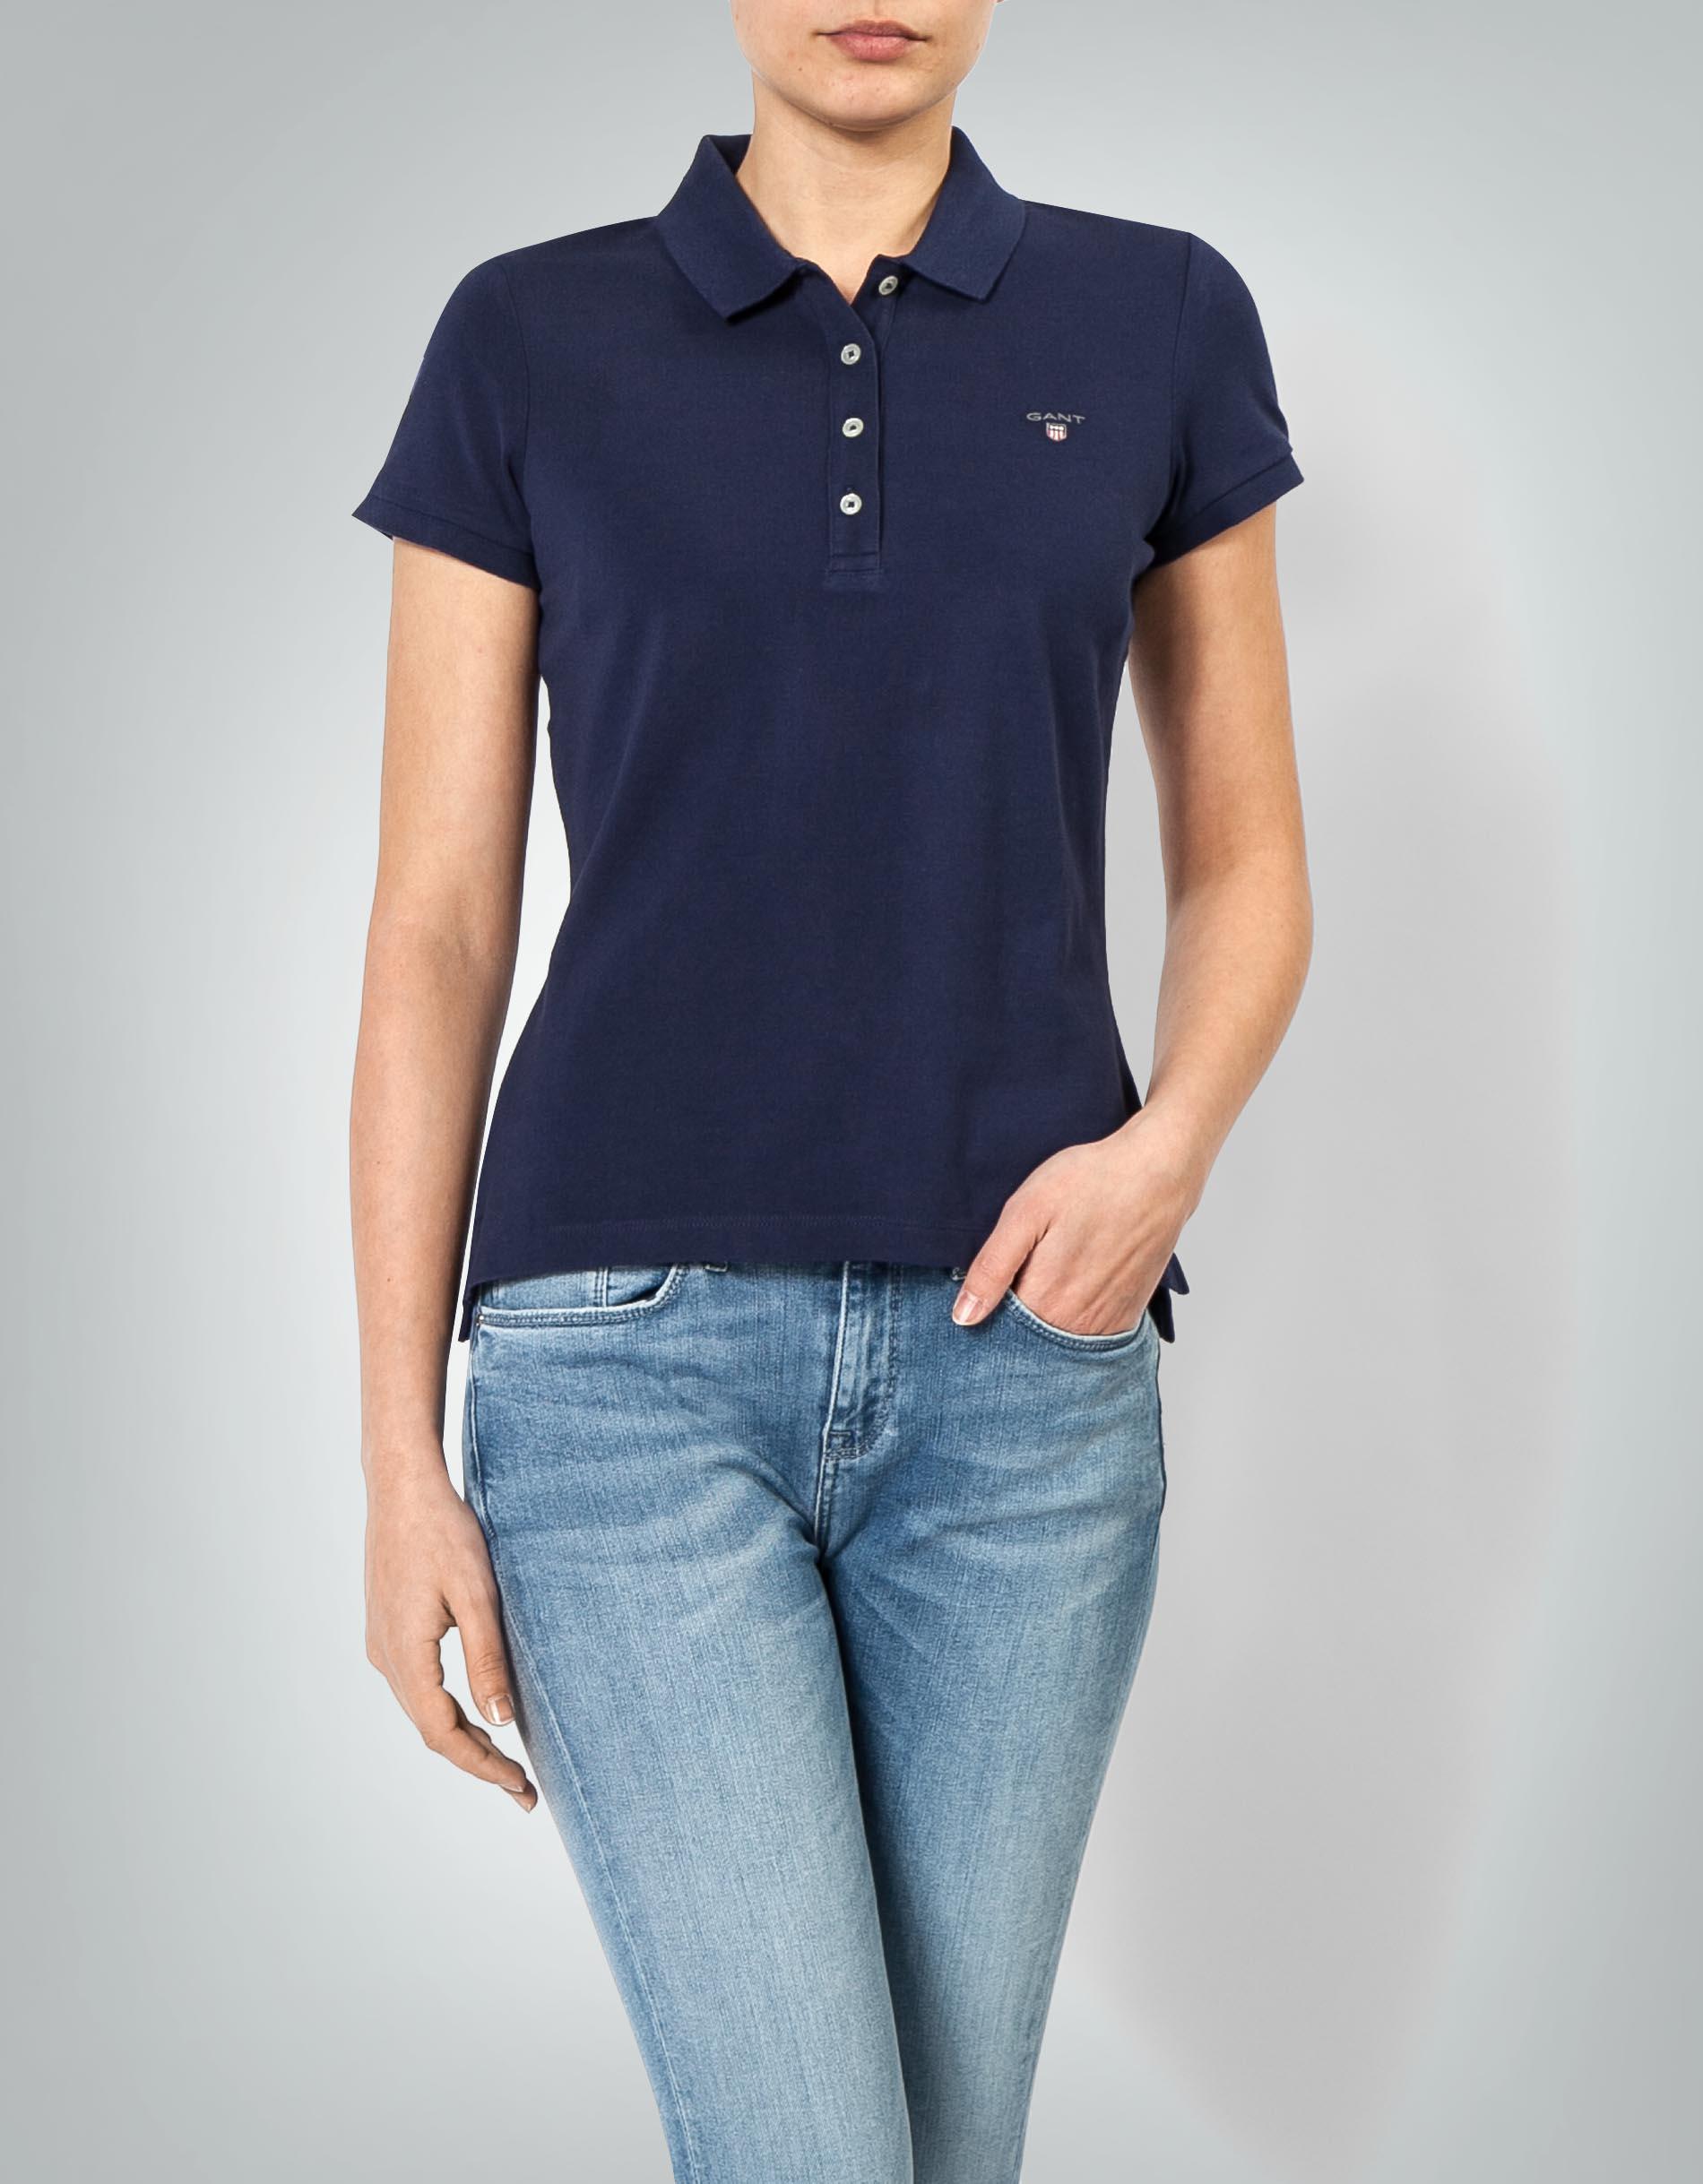 size 40 3cd0d d4f1e Gant Damen Polo-Shirt aus Piqué empfohlen von Deinen Schwestern